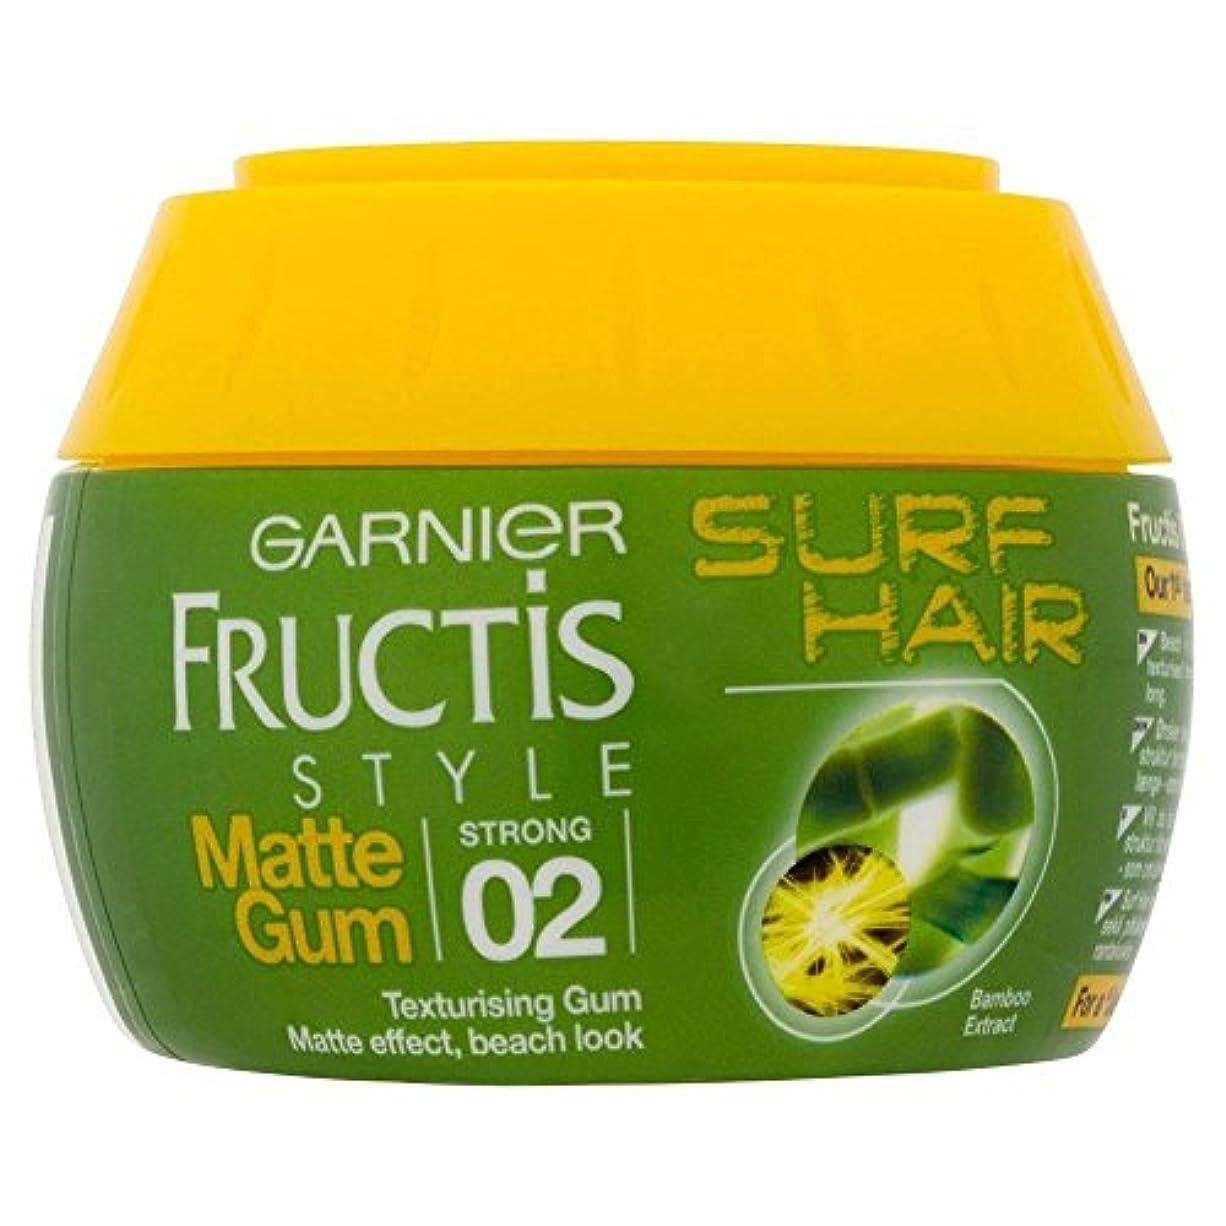 慢きしむきらめき[Garnier] ガルニエのFructisスタイルサーフヘアテクスチャーガム(150ミリリットル) - Garnier Fructis Style Surf Hair Texturising Gum (150ml) [並行輸入品]